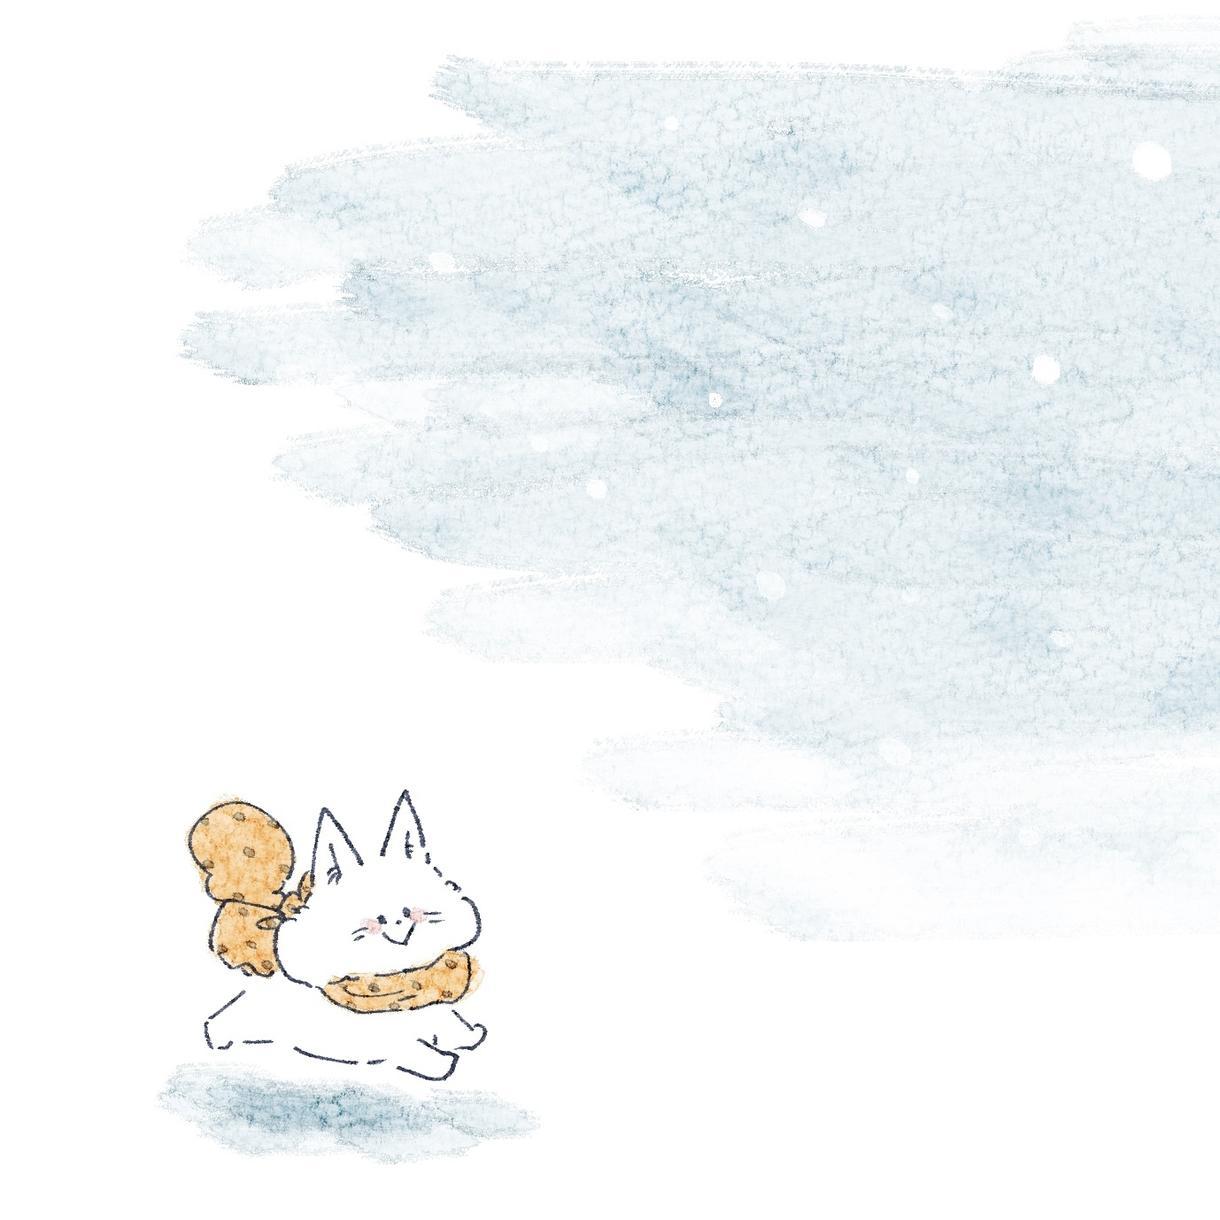 ペットちゃんのアイコン描きます ペットちゃんが大好きな方に!ぜひ!